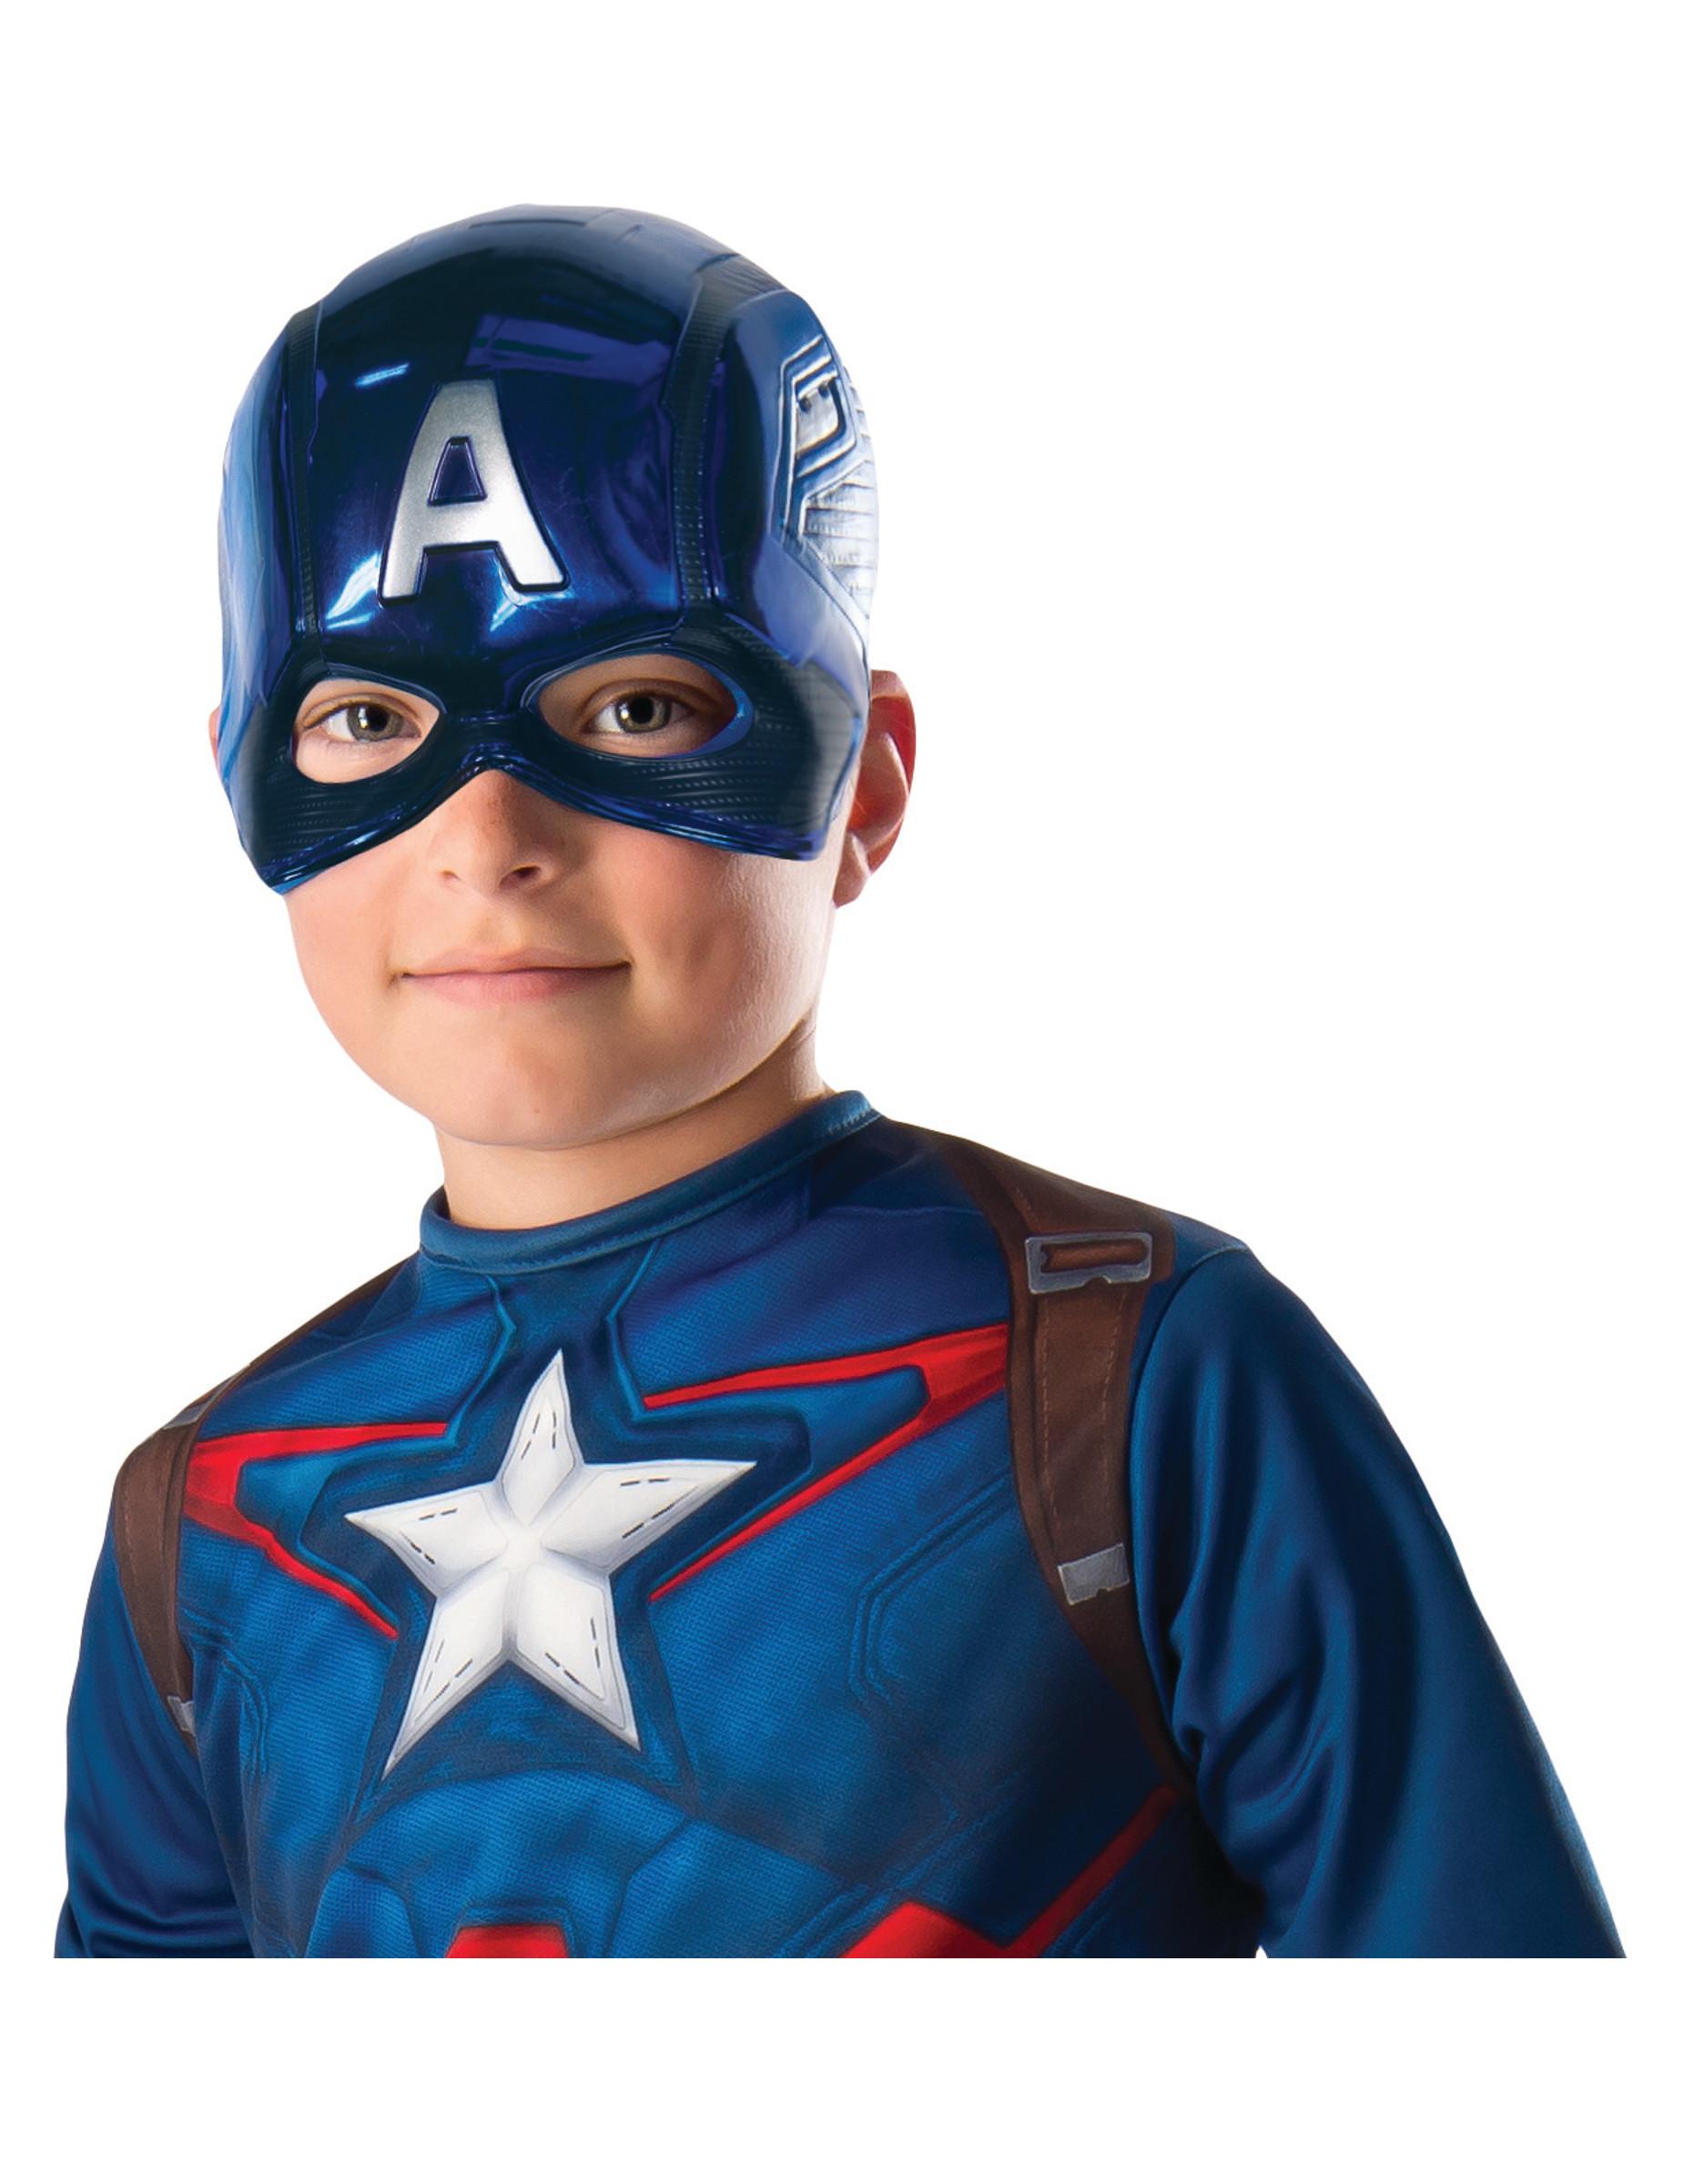 Demi masque pvc captain america enfant deguise toi achat de masques - Masque de captain america ...